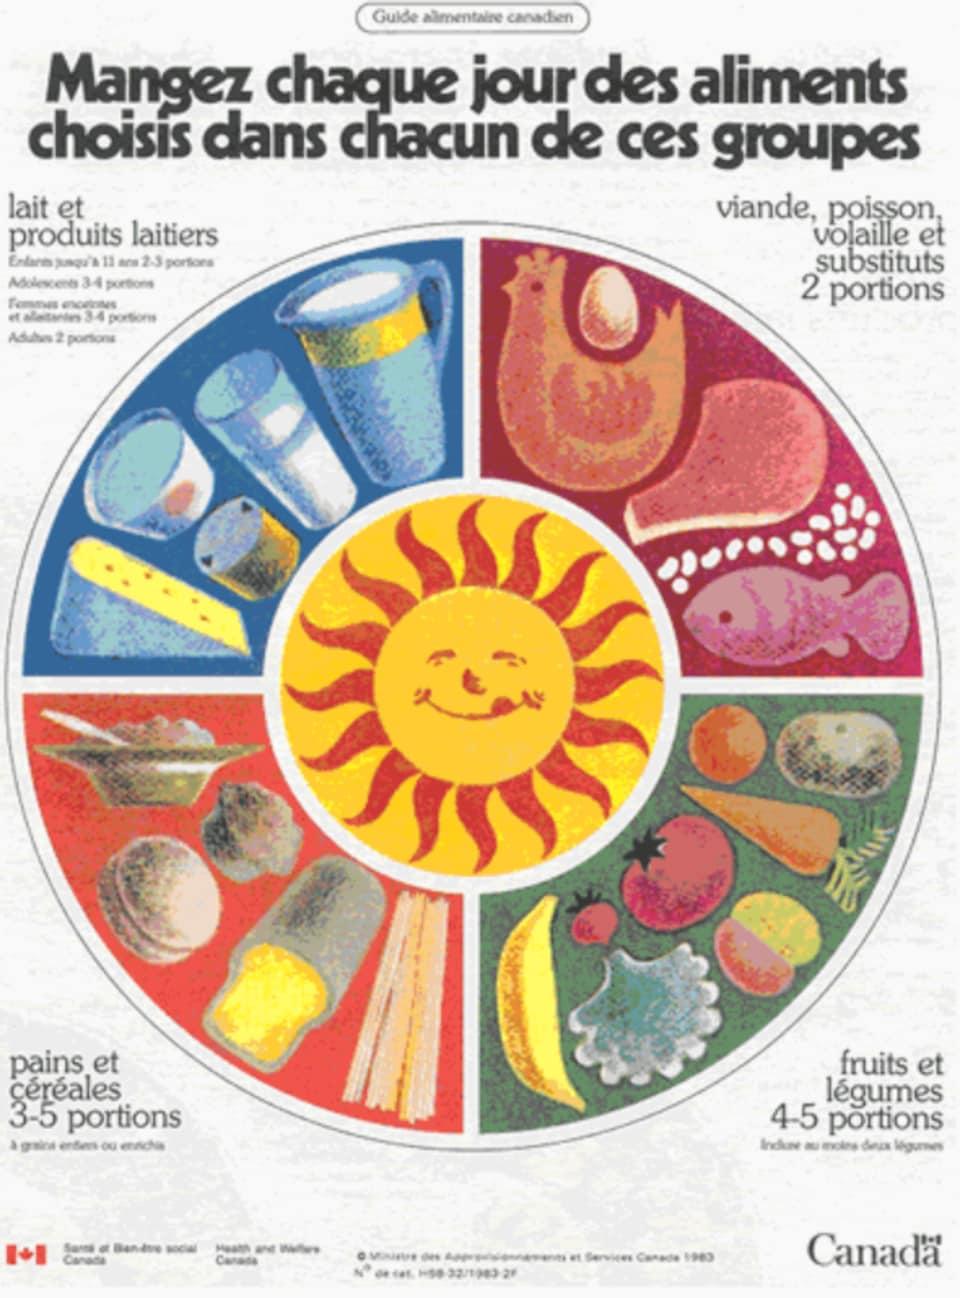 Image de la page couverture du Guide alimentaire canadien de 1982 où les quatre groupes alimentaires sont présentés sous la forme d'une roue entourant un soleil.